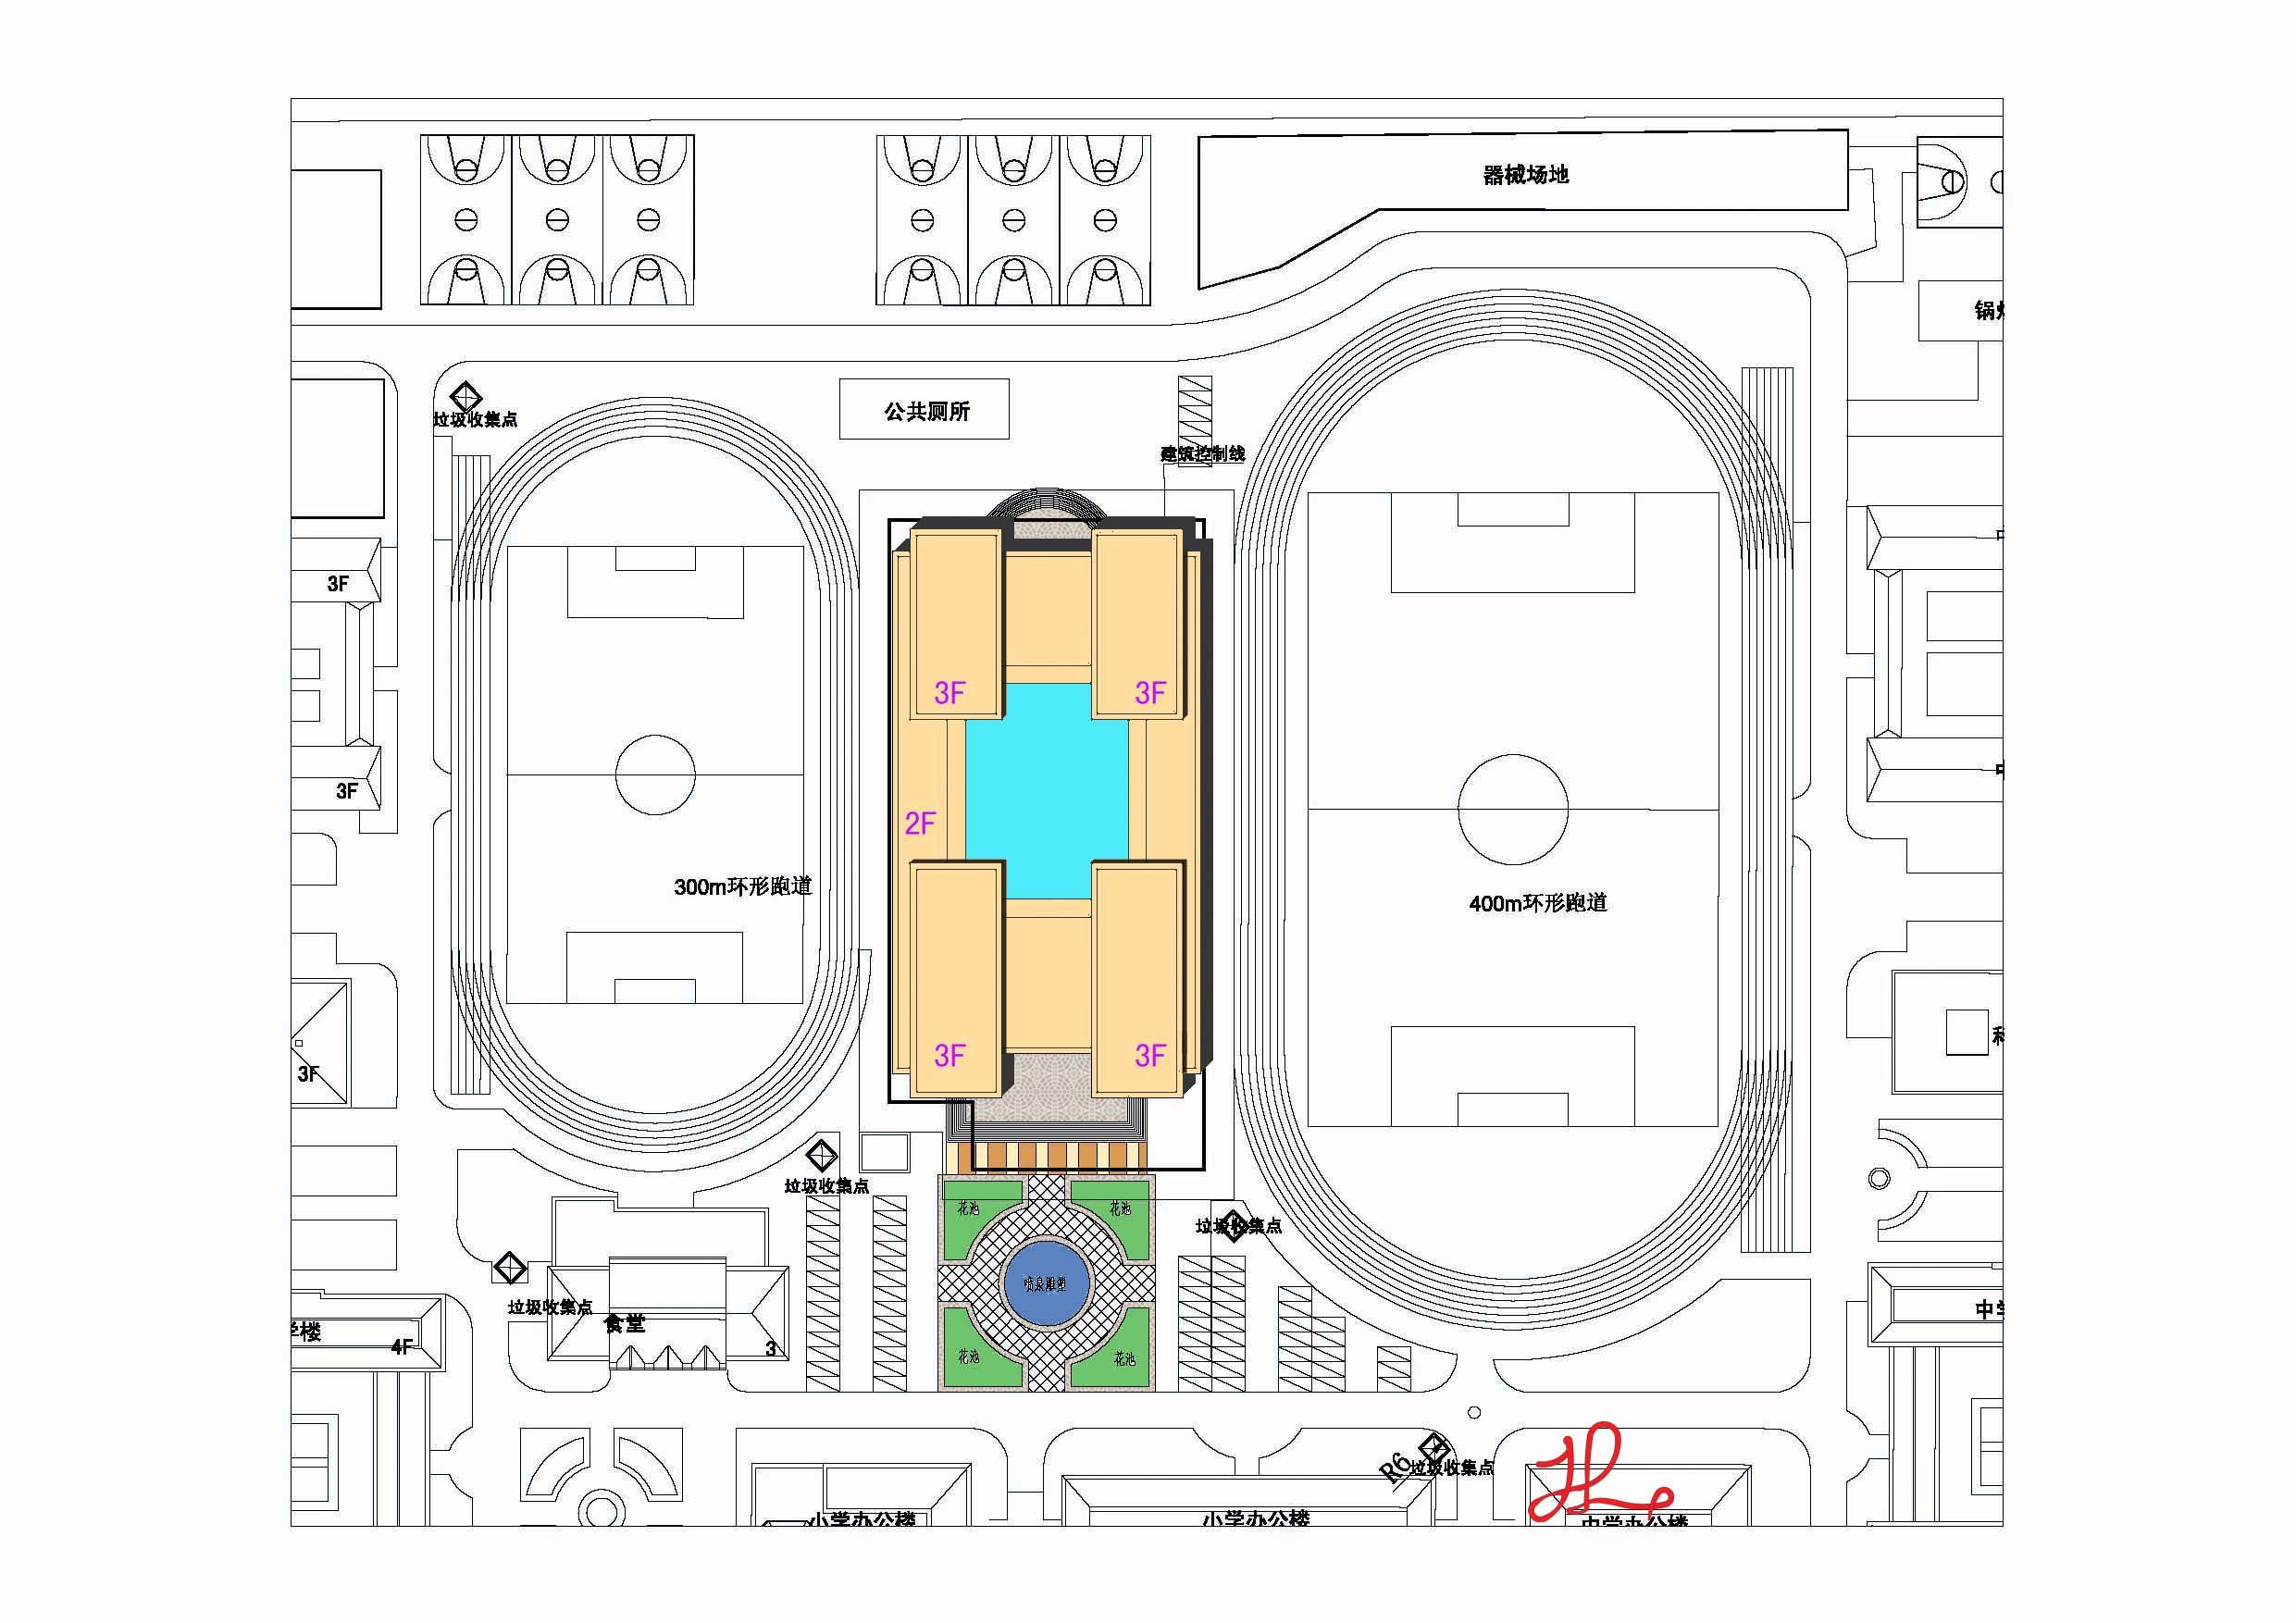 胜利与腾飞——中学体育馆设计图片